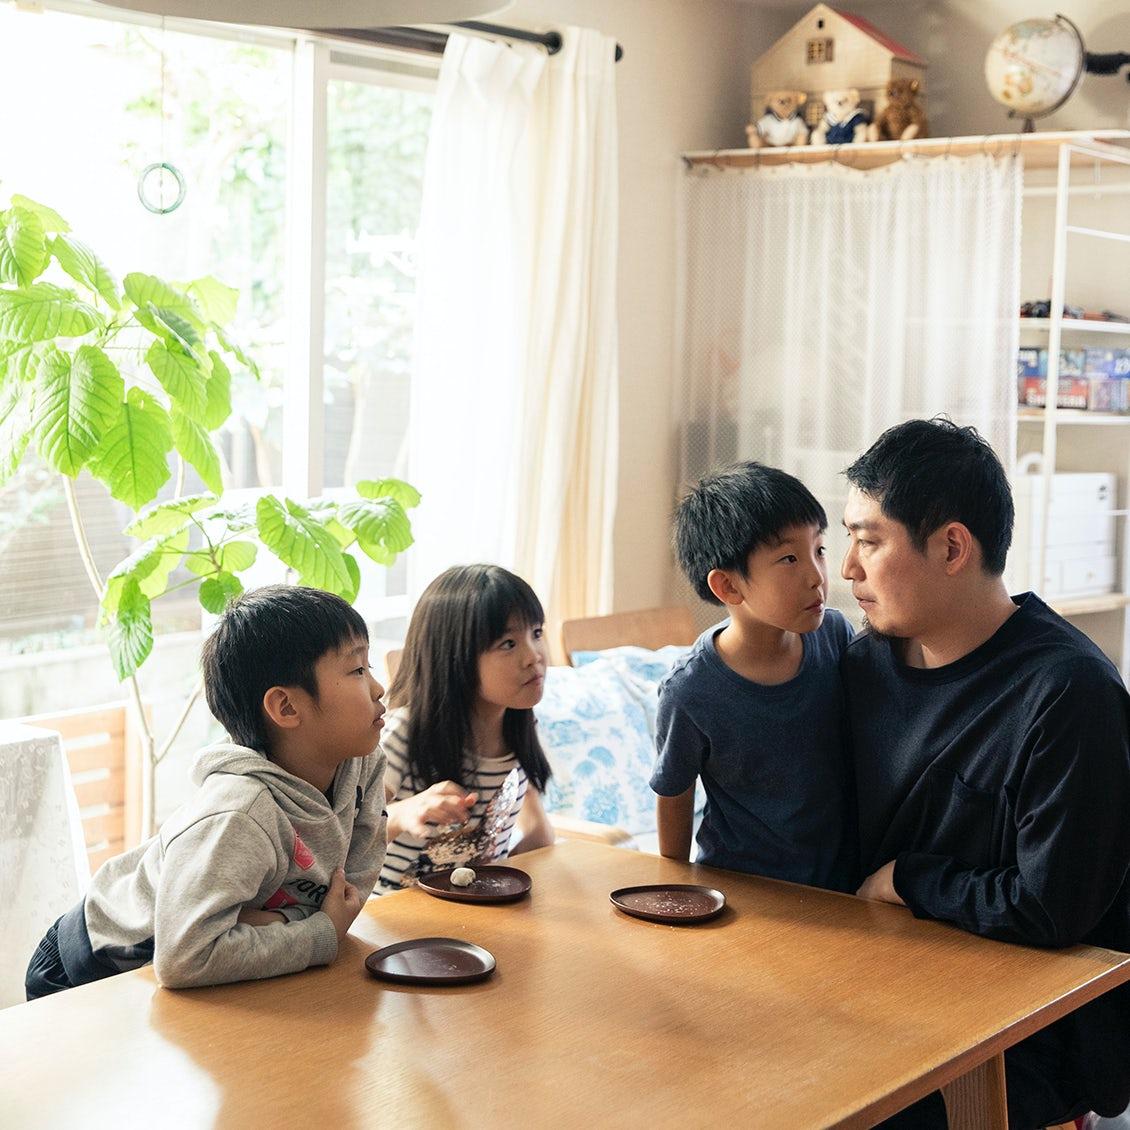 【あのひとの子育て】木村文平さん〈後編〉ありがとうが3倍になって返ってくる。だから3倍の気持ちでやろうと思っています